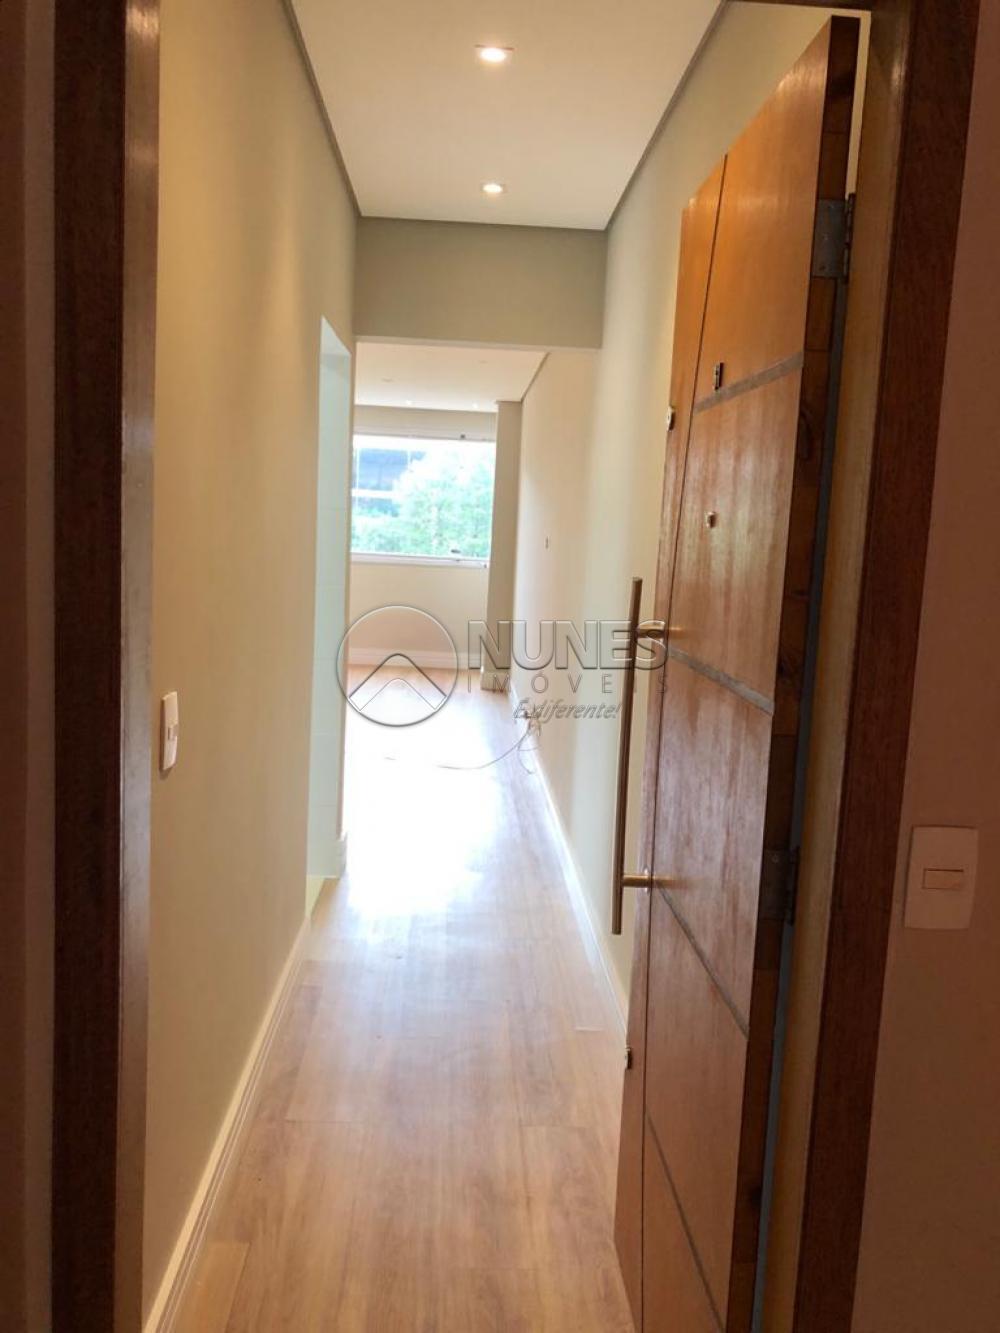 Comprar Apartamento / Padrão em Osasco apenas R$ 210.000,00 - Foto 5